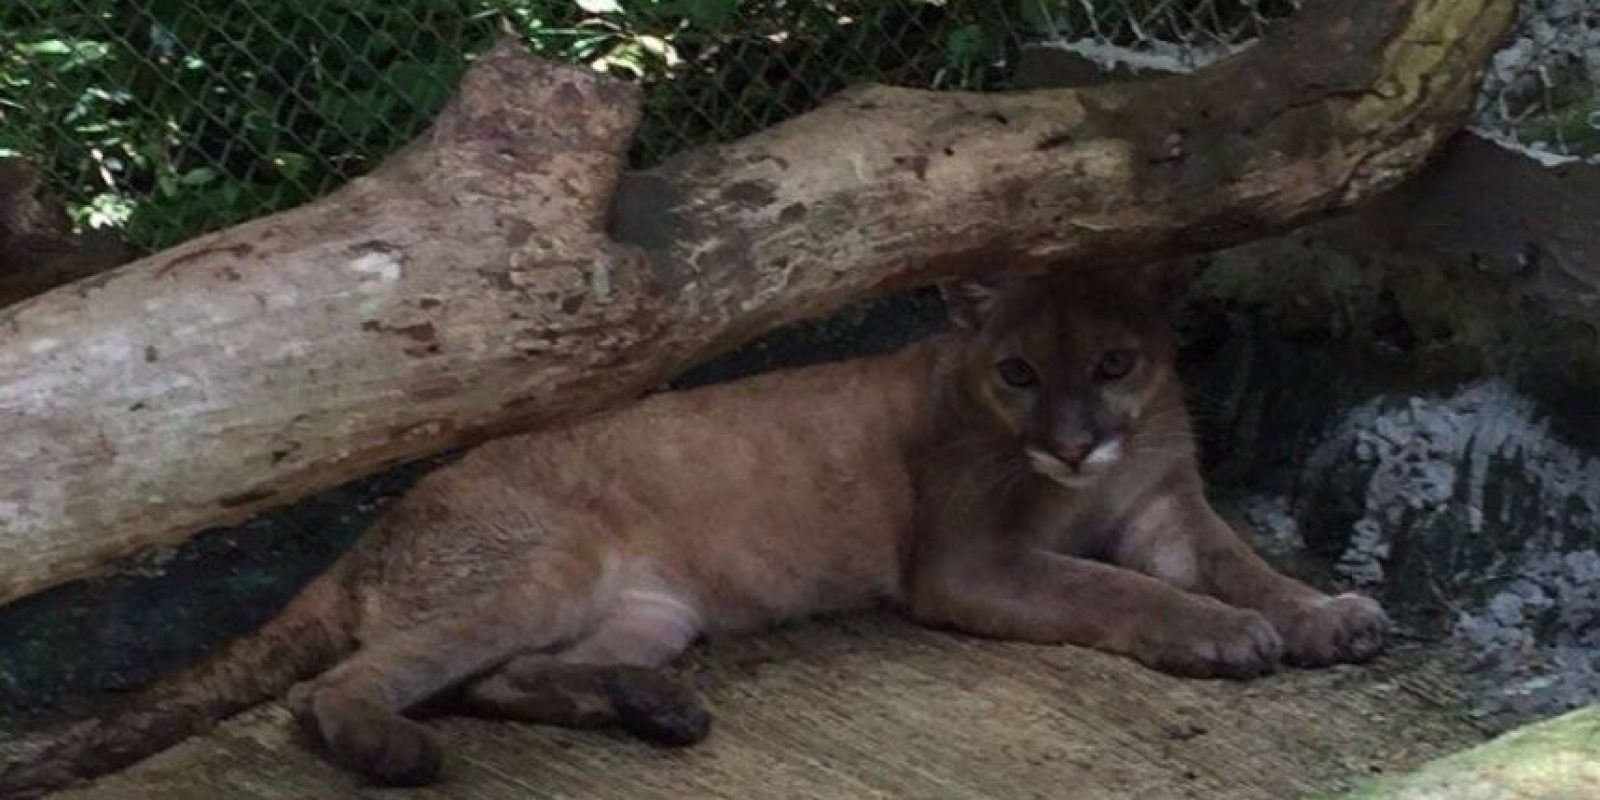 Foto:Puma en recuperación tras ser rescatado en Izabal por un vecino